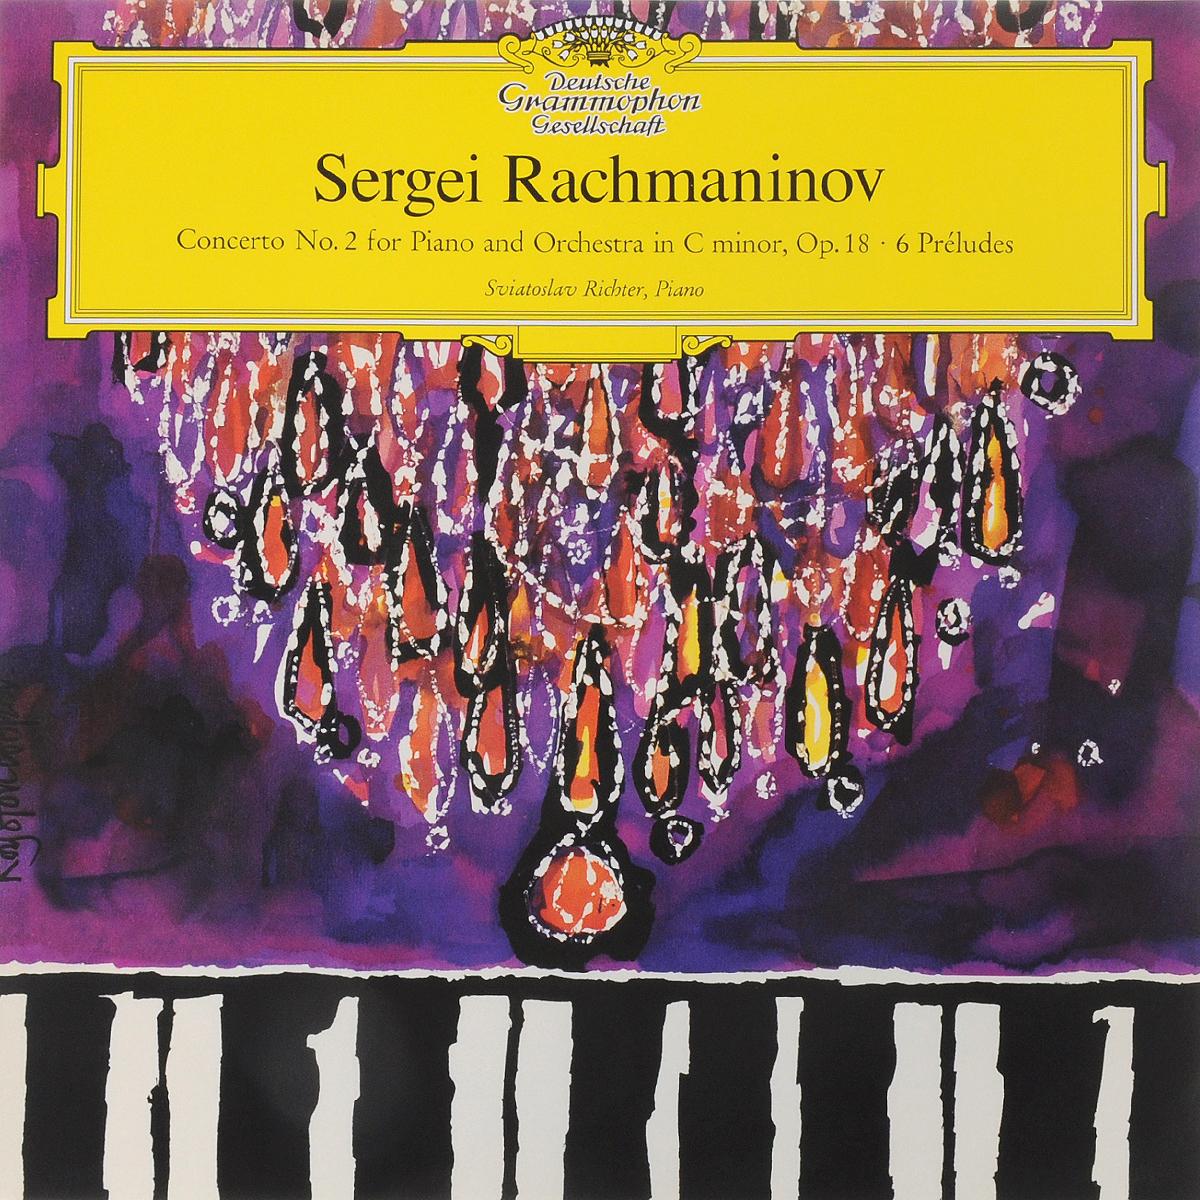 Святослав Рихтер Richter, Sviatoslav Rachmaninov: Piano Concerto No.2; 6 Preludes (LP) святослав рихтер sviatoslav richter piano s rachmaninov etudes tableaux from op 33 and op 39 six prelides from op 23 seven preludes from op 32